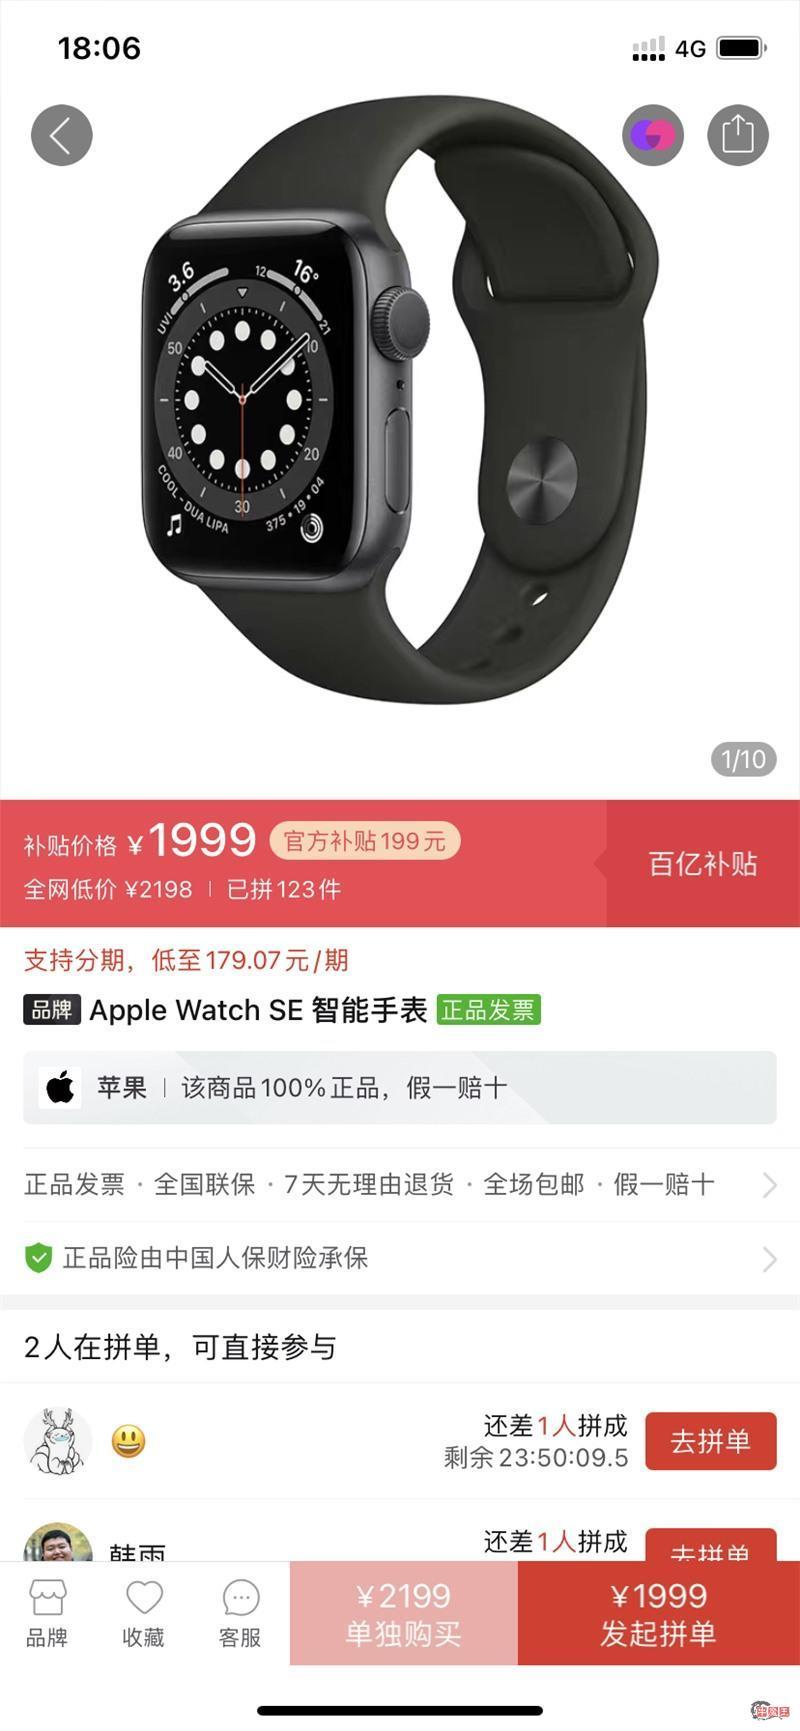 1999 元,Apple Watch SE 上架拼多多百亿补贴专区-牛魔博客